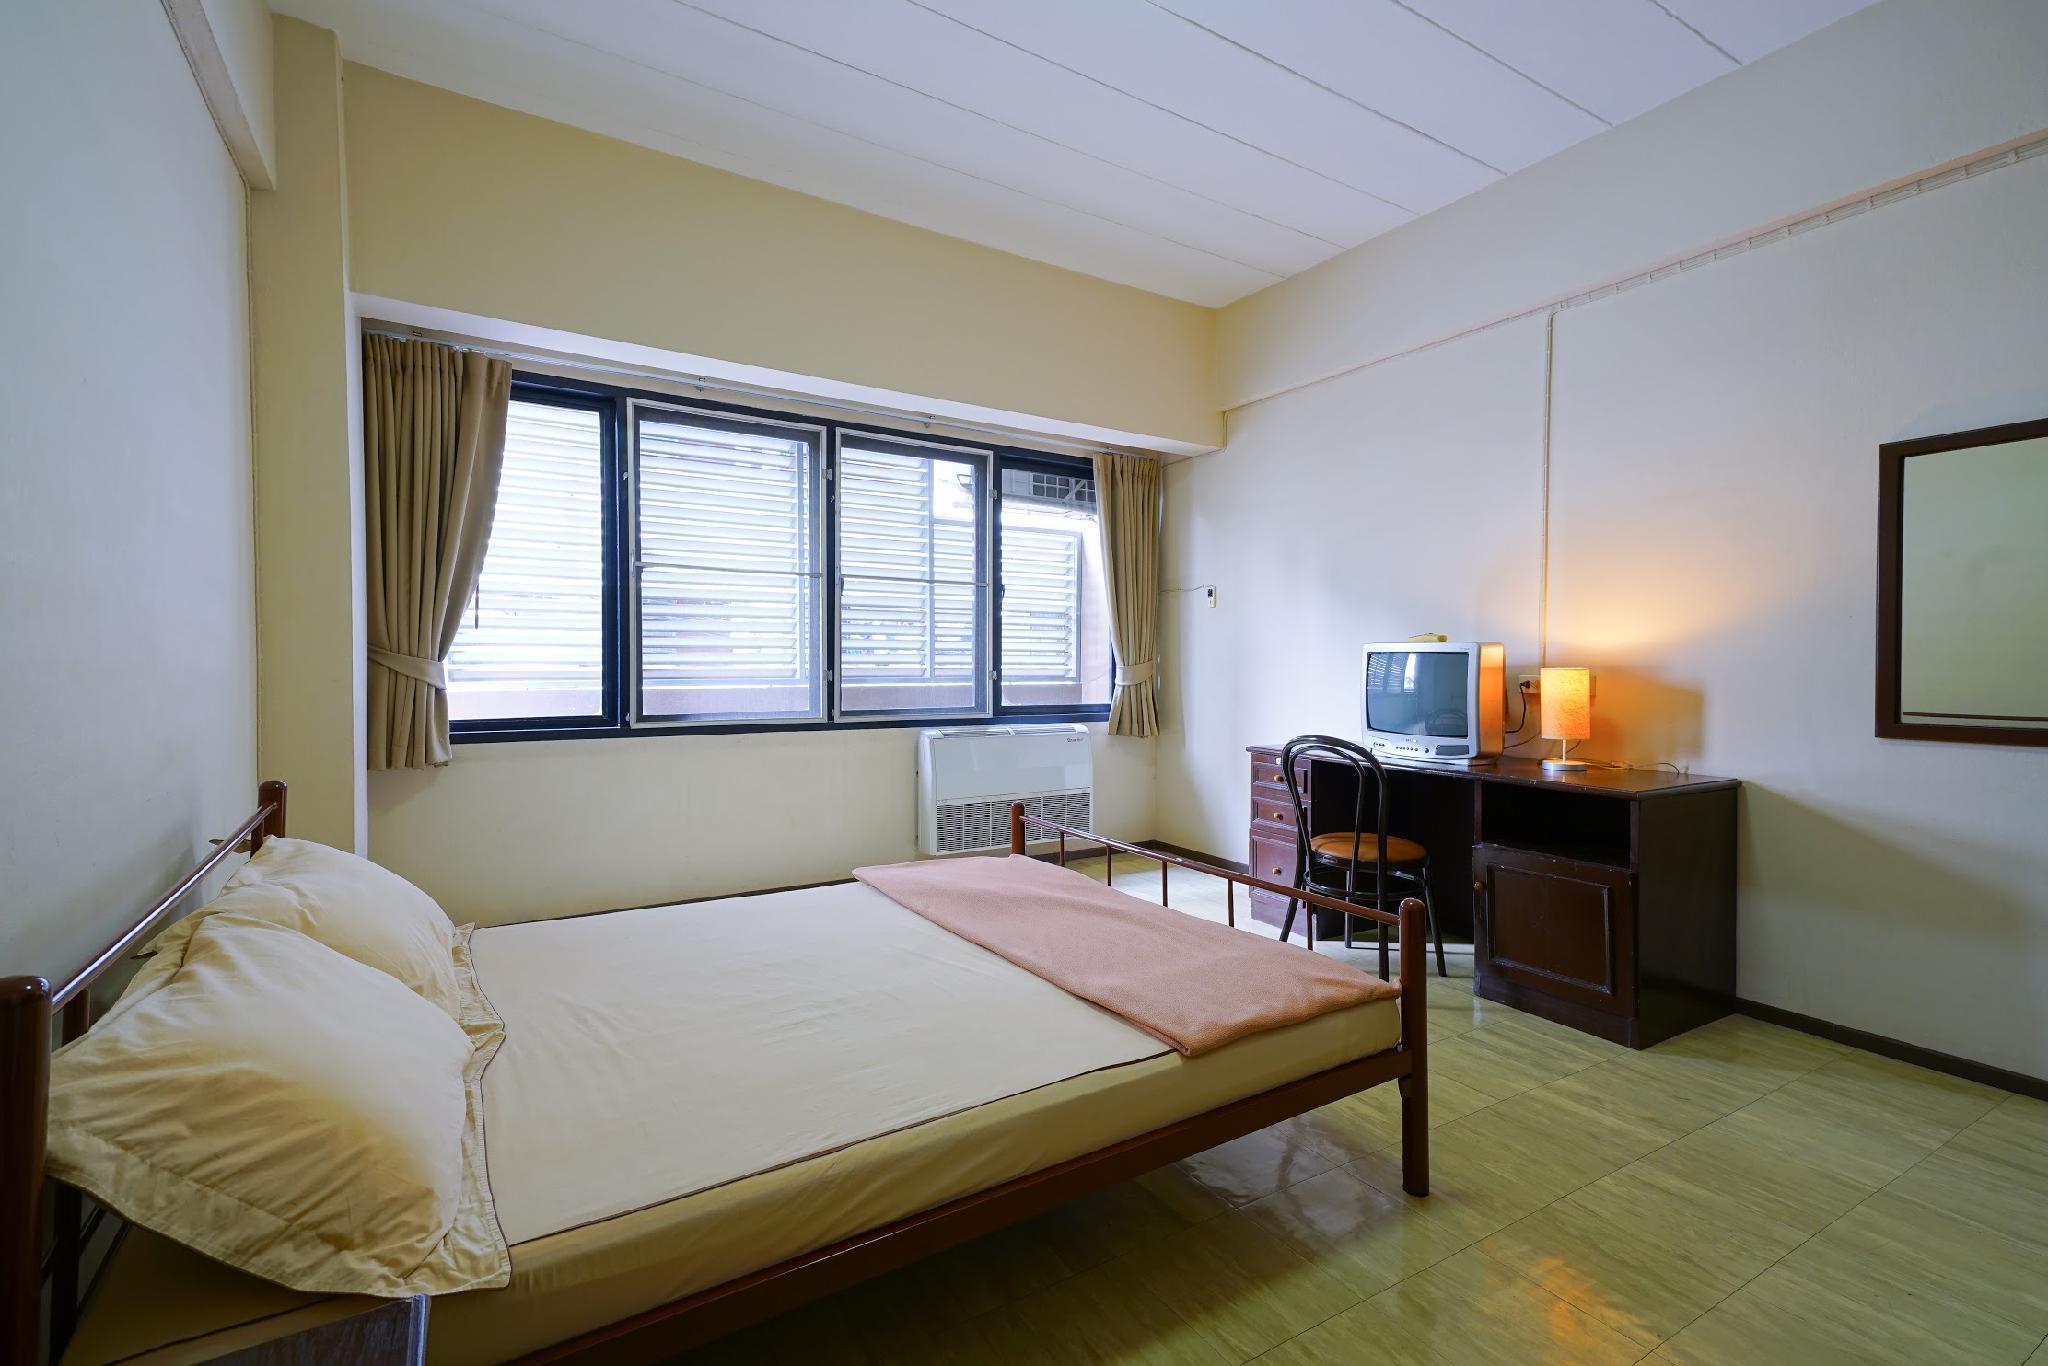 Local Apartment Ekkamai 23 สตูดิโอ อพาร์ตเมนต์ 1 ห้องน้ำส่วนตัว ขนาด 28 ตร.ม. – สุขุมวิท